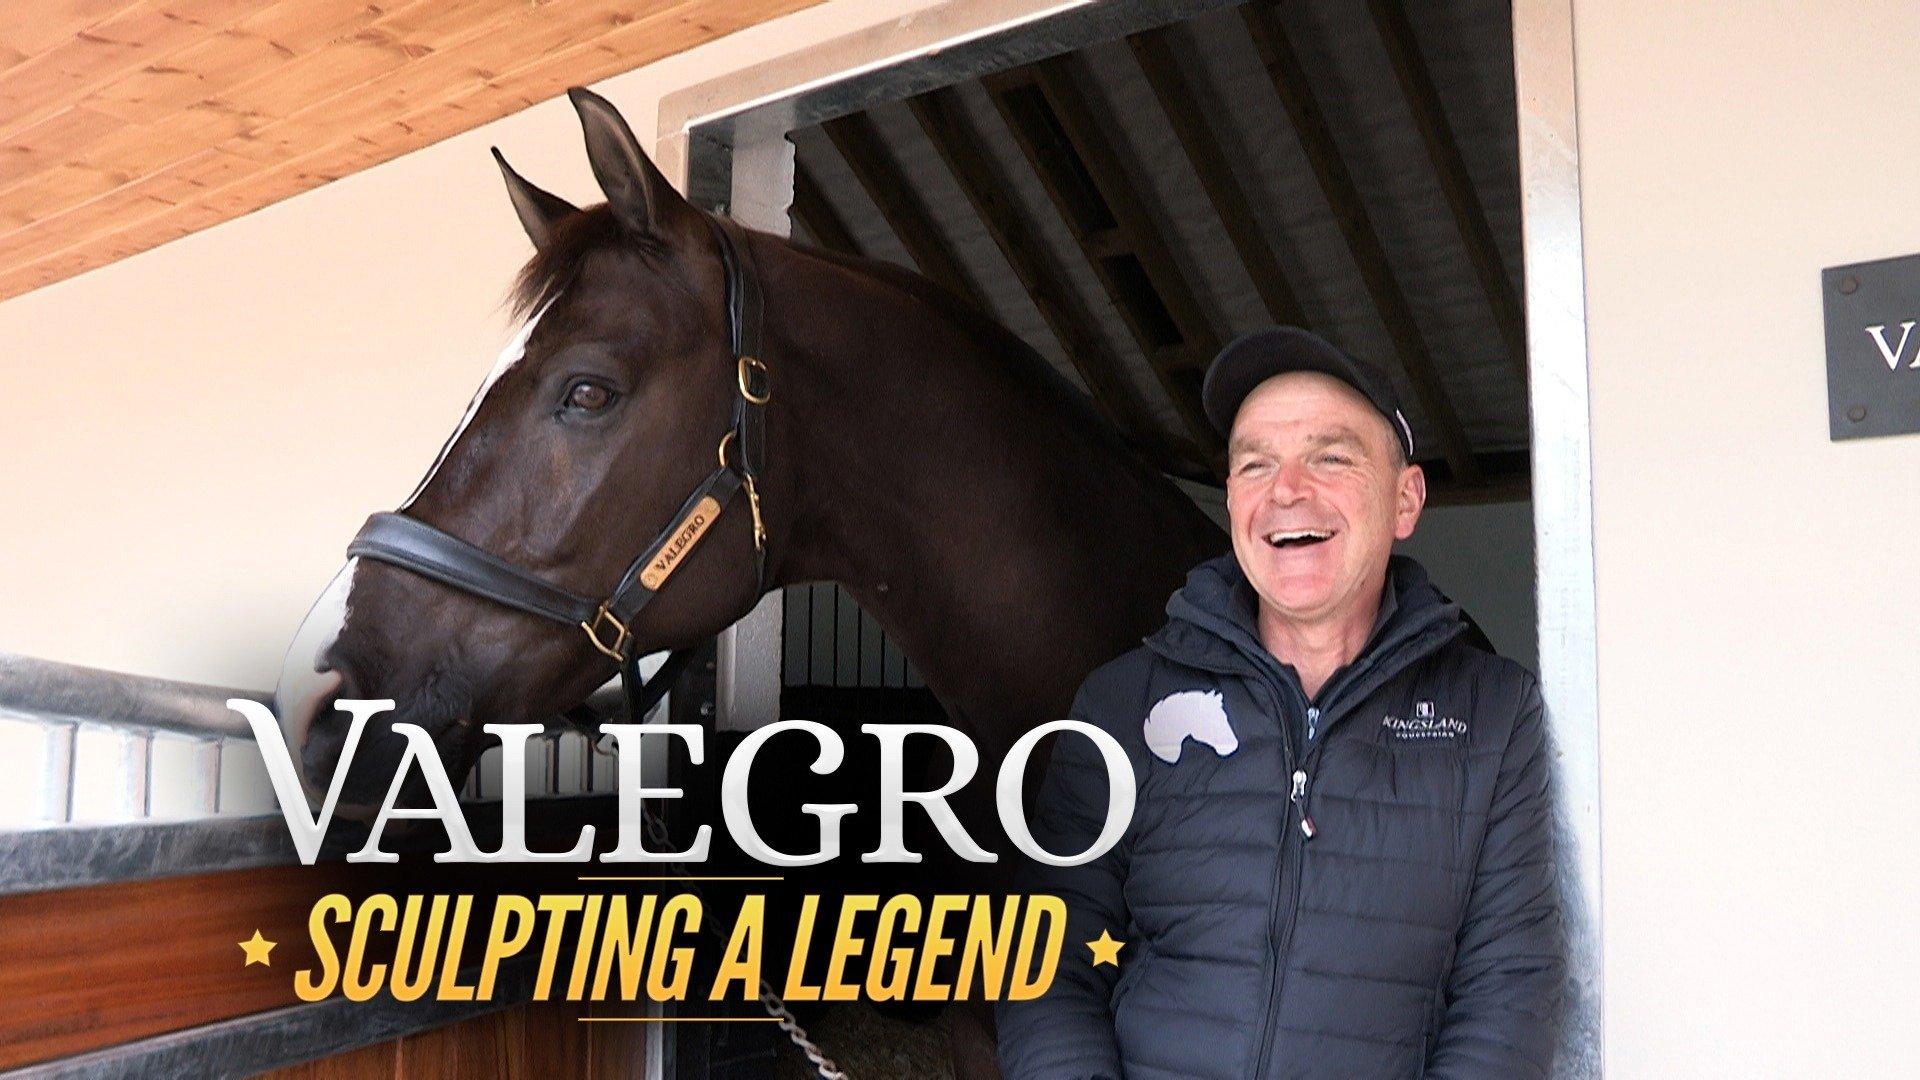 Valegro: Sculpting a Legend